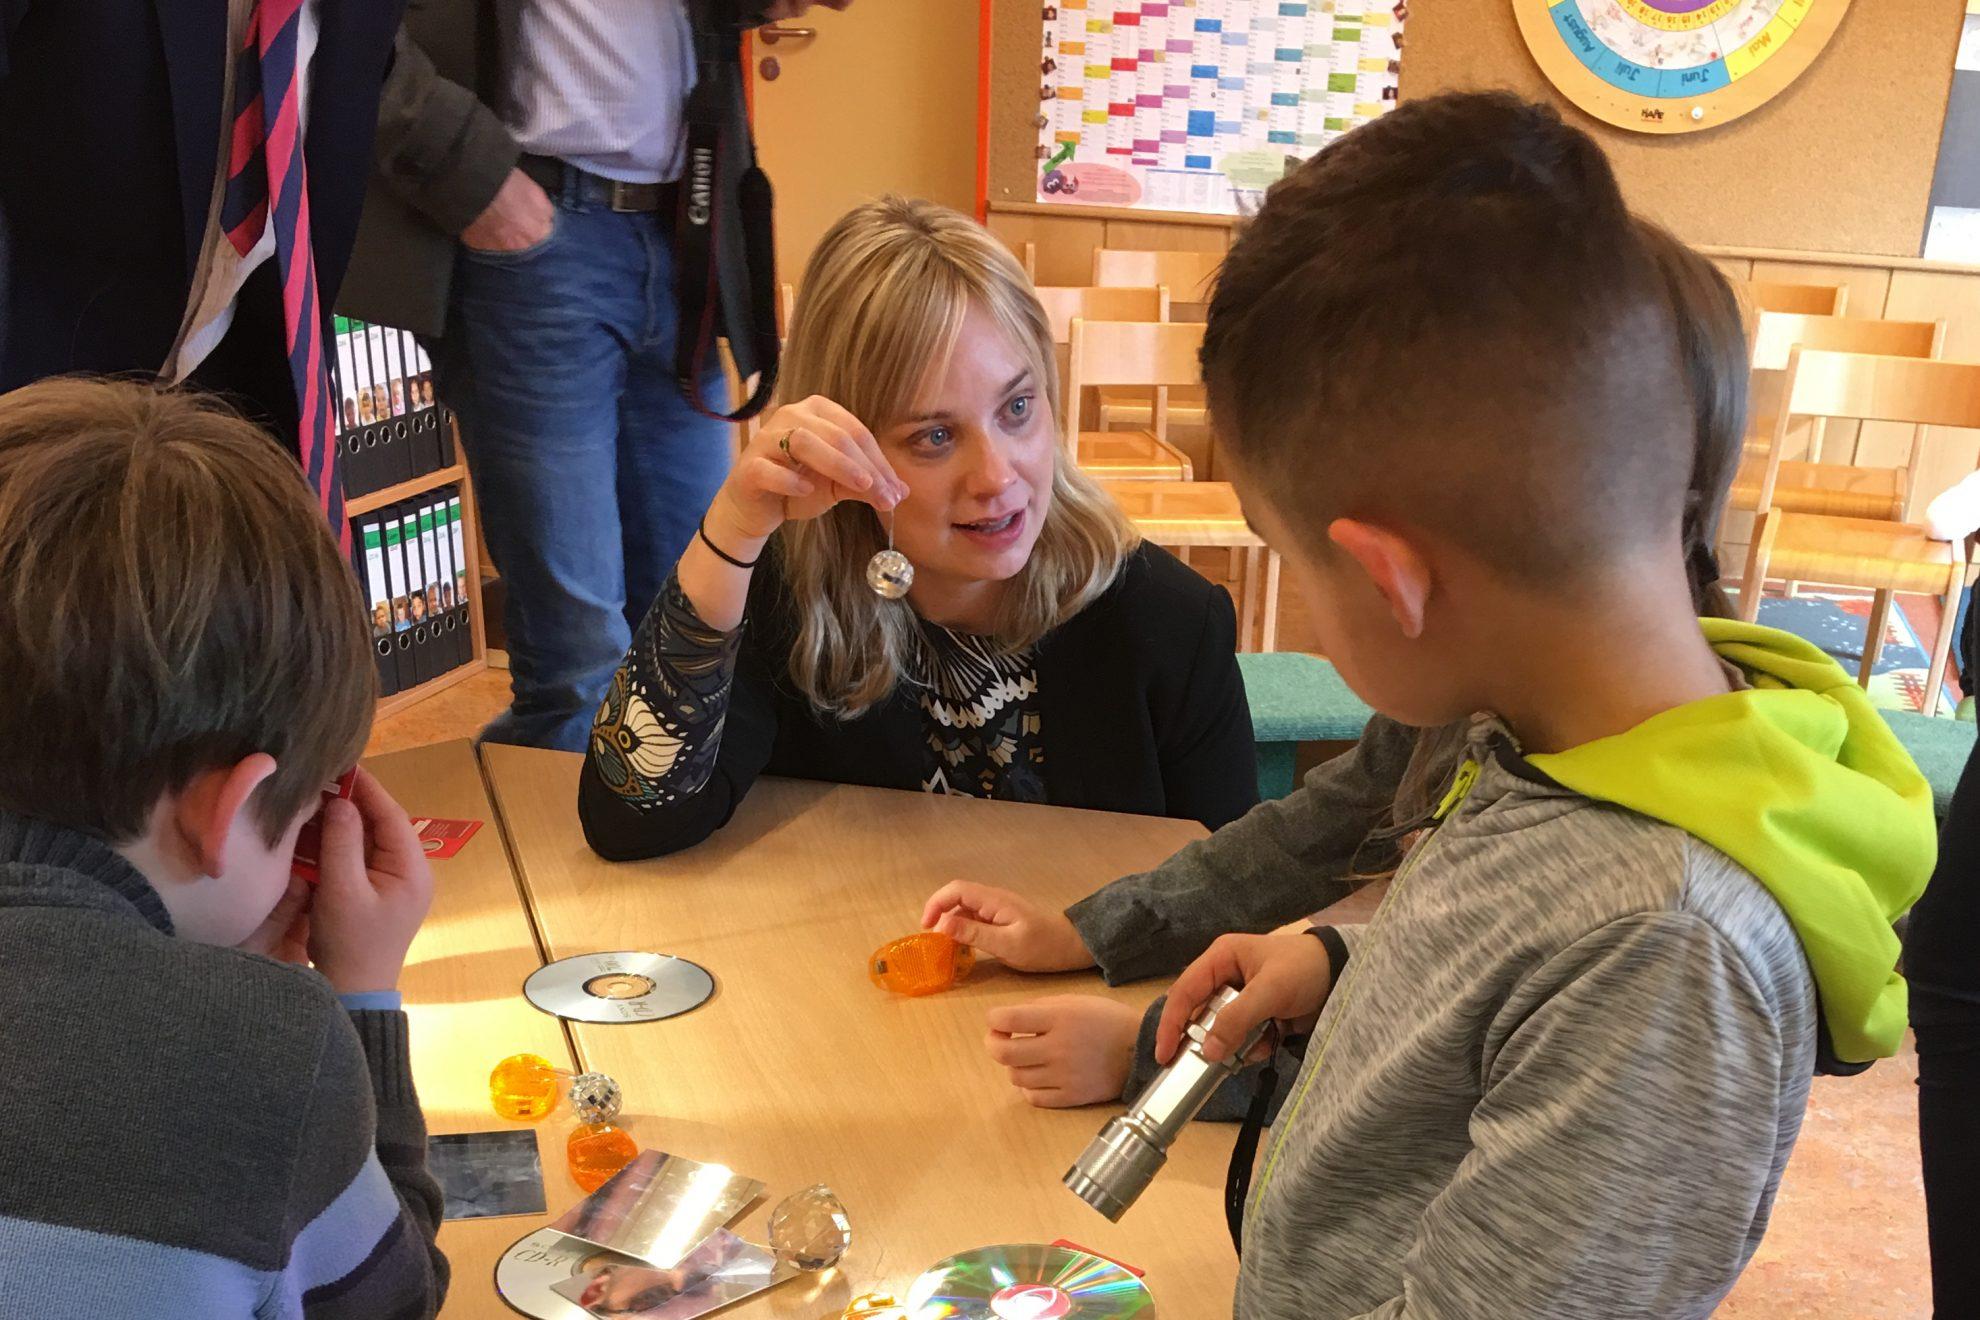 Marja-Liisa Völlers experimentiert zusammen mit Kindern